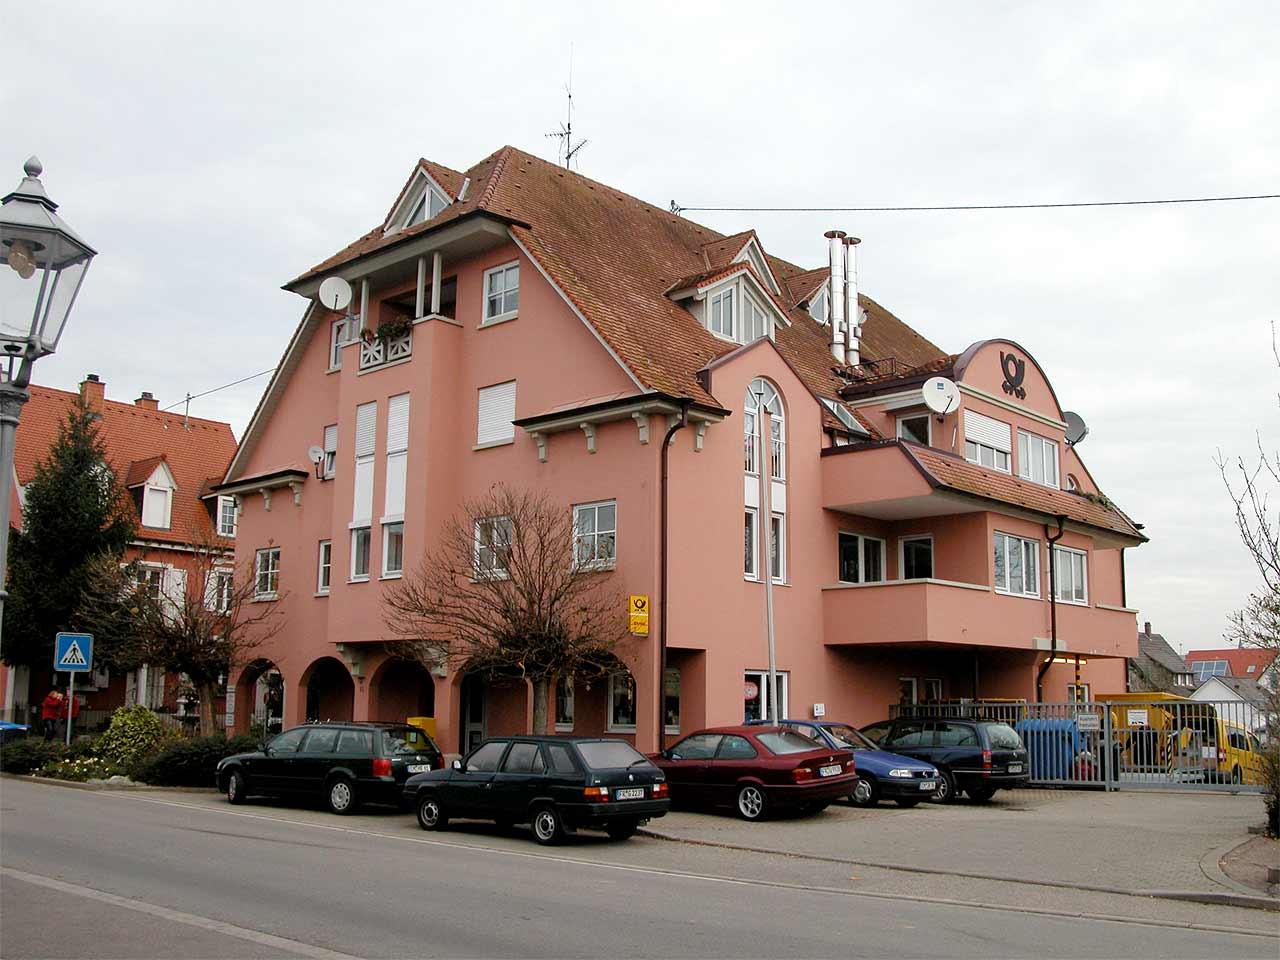 EG Wohnung Bötzingen bei Dier Wohnbau